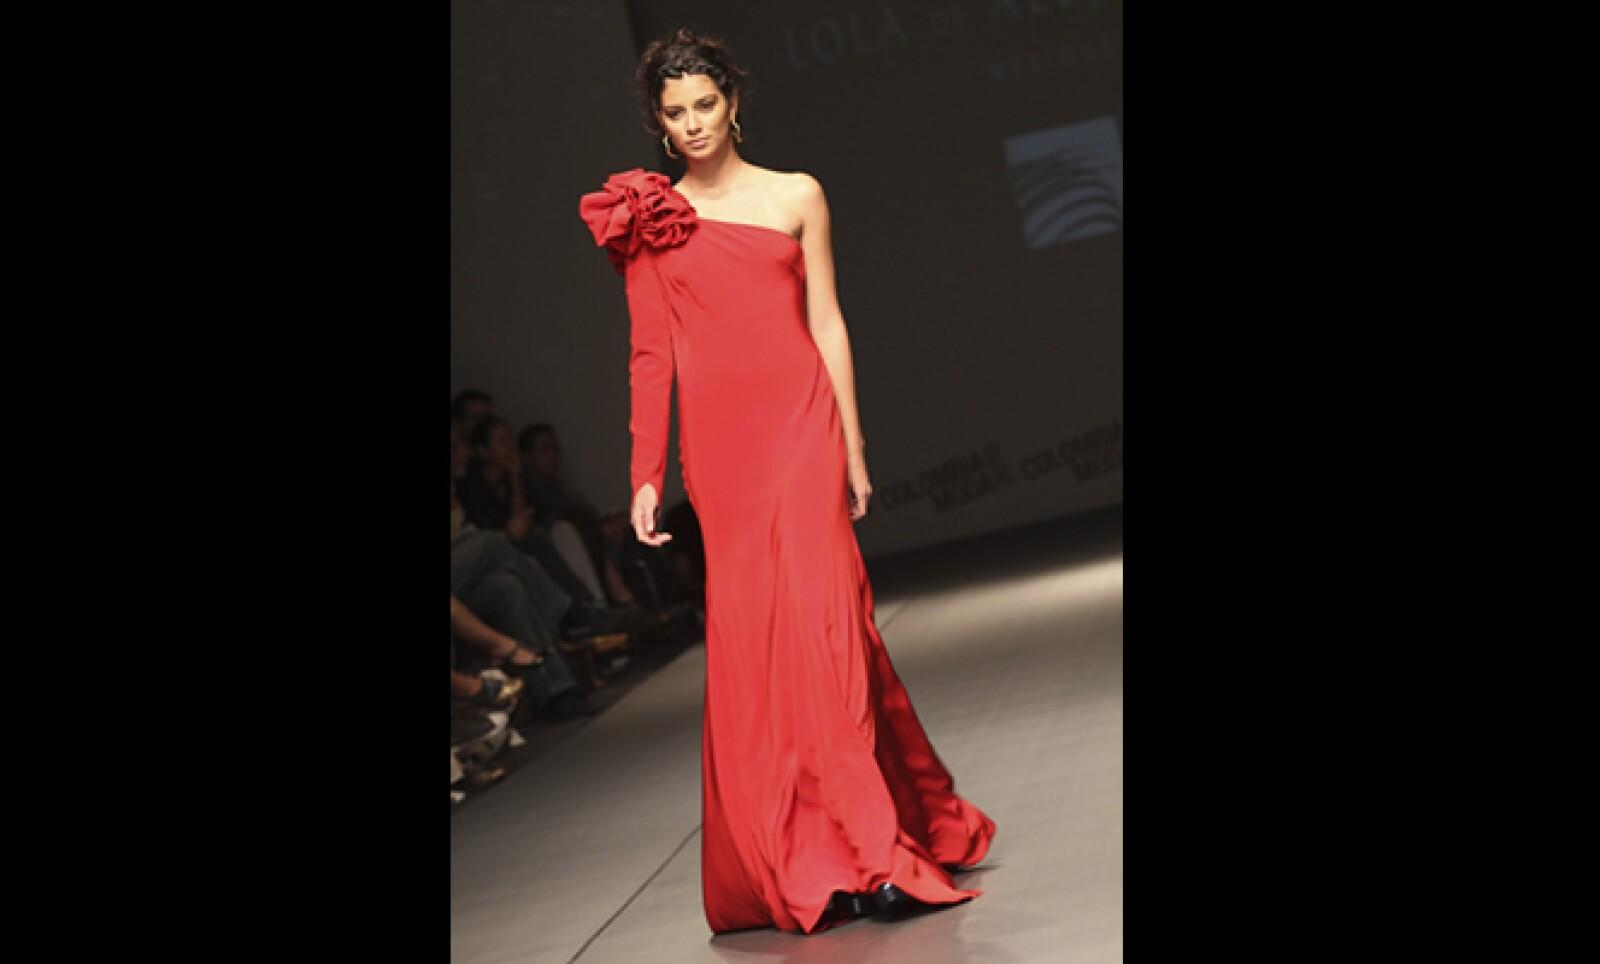 El diseñador mexicano Carlín presento una colección con vestidos largos y colores brillantes.